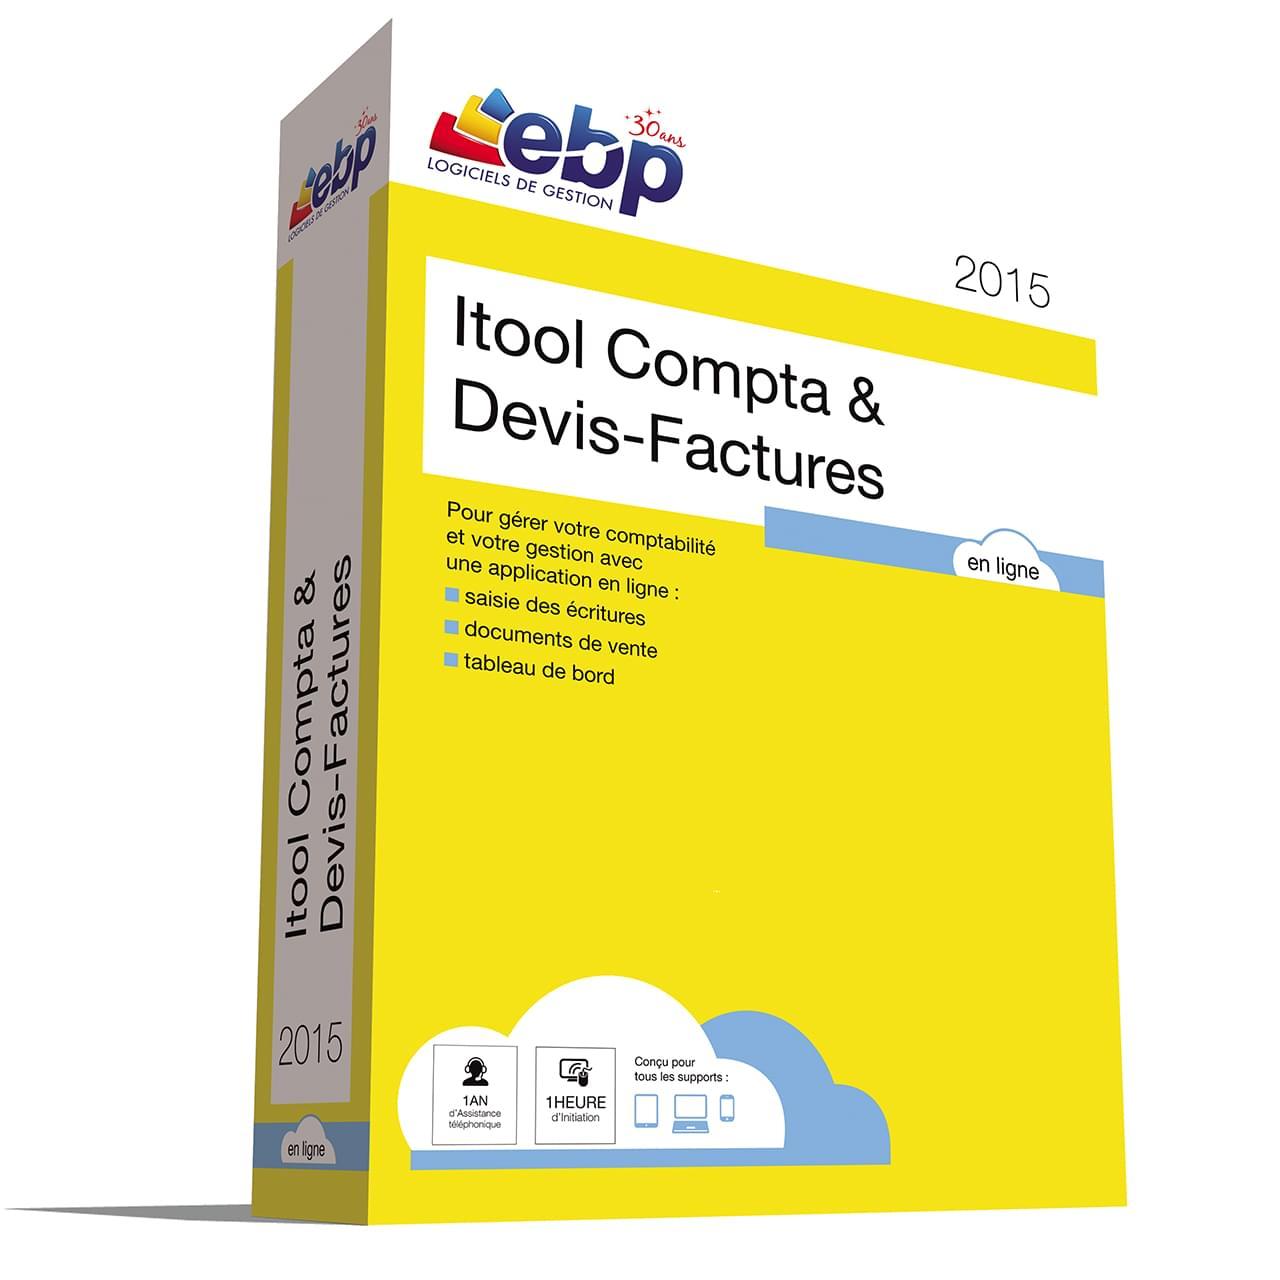 EBP Itool Compta & Devis-Factures En Ligne 2015 (9171A000FAH) - Achat / Vente Logiciel Application sur Cybertek.fr - 0